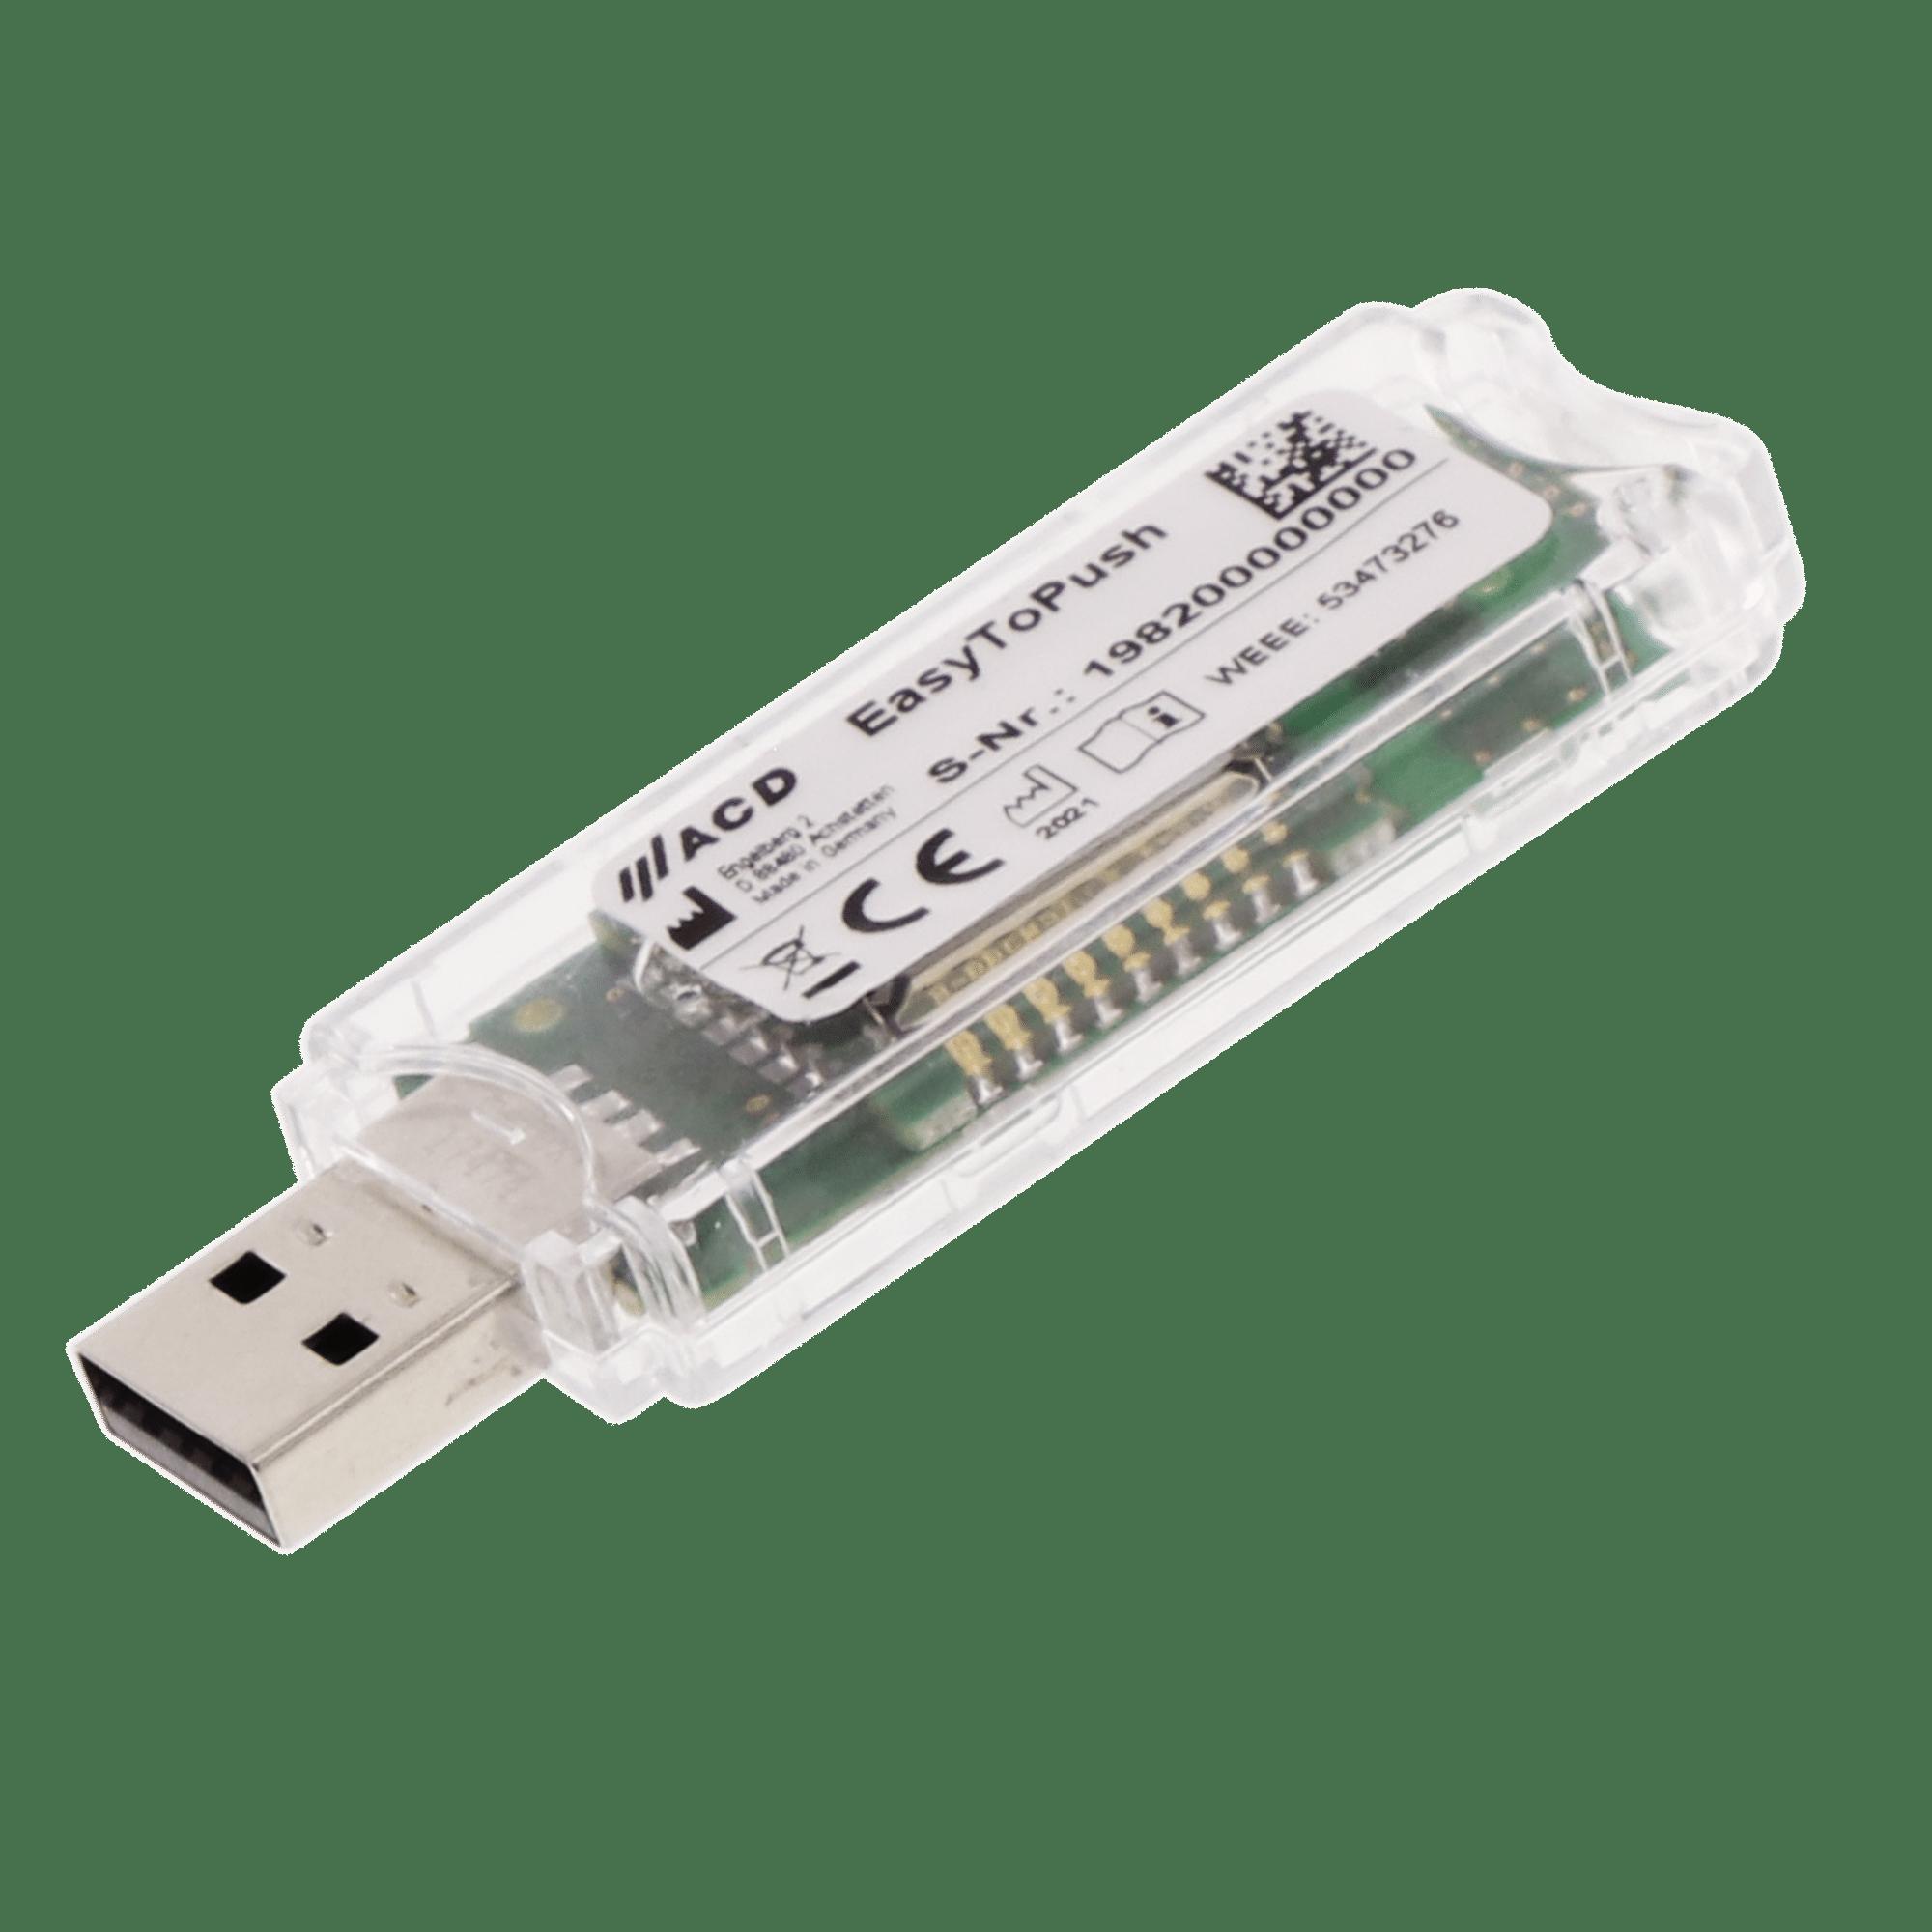 ACD EasyToPush - Passerelle USB